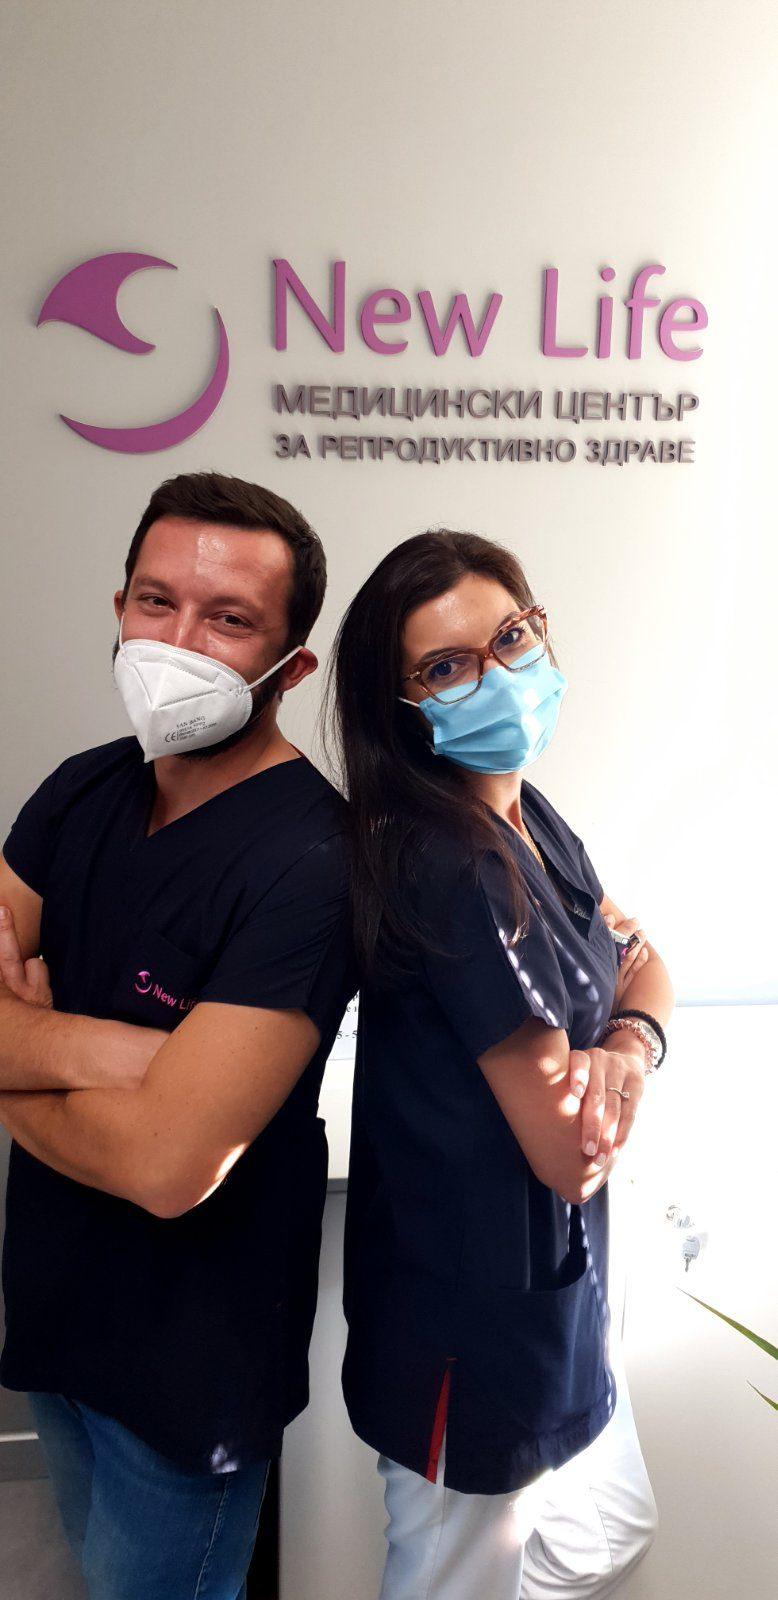 """New Life"""" Бургас с ден за безплатни ин-витро консултации и консултации относно донорска програма за яйцеклетки"""